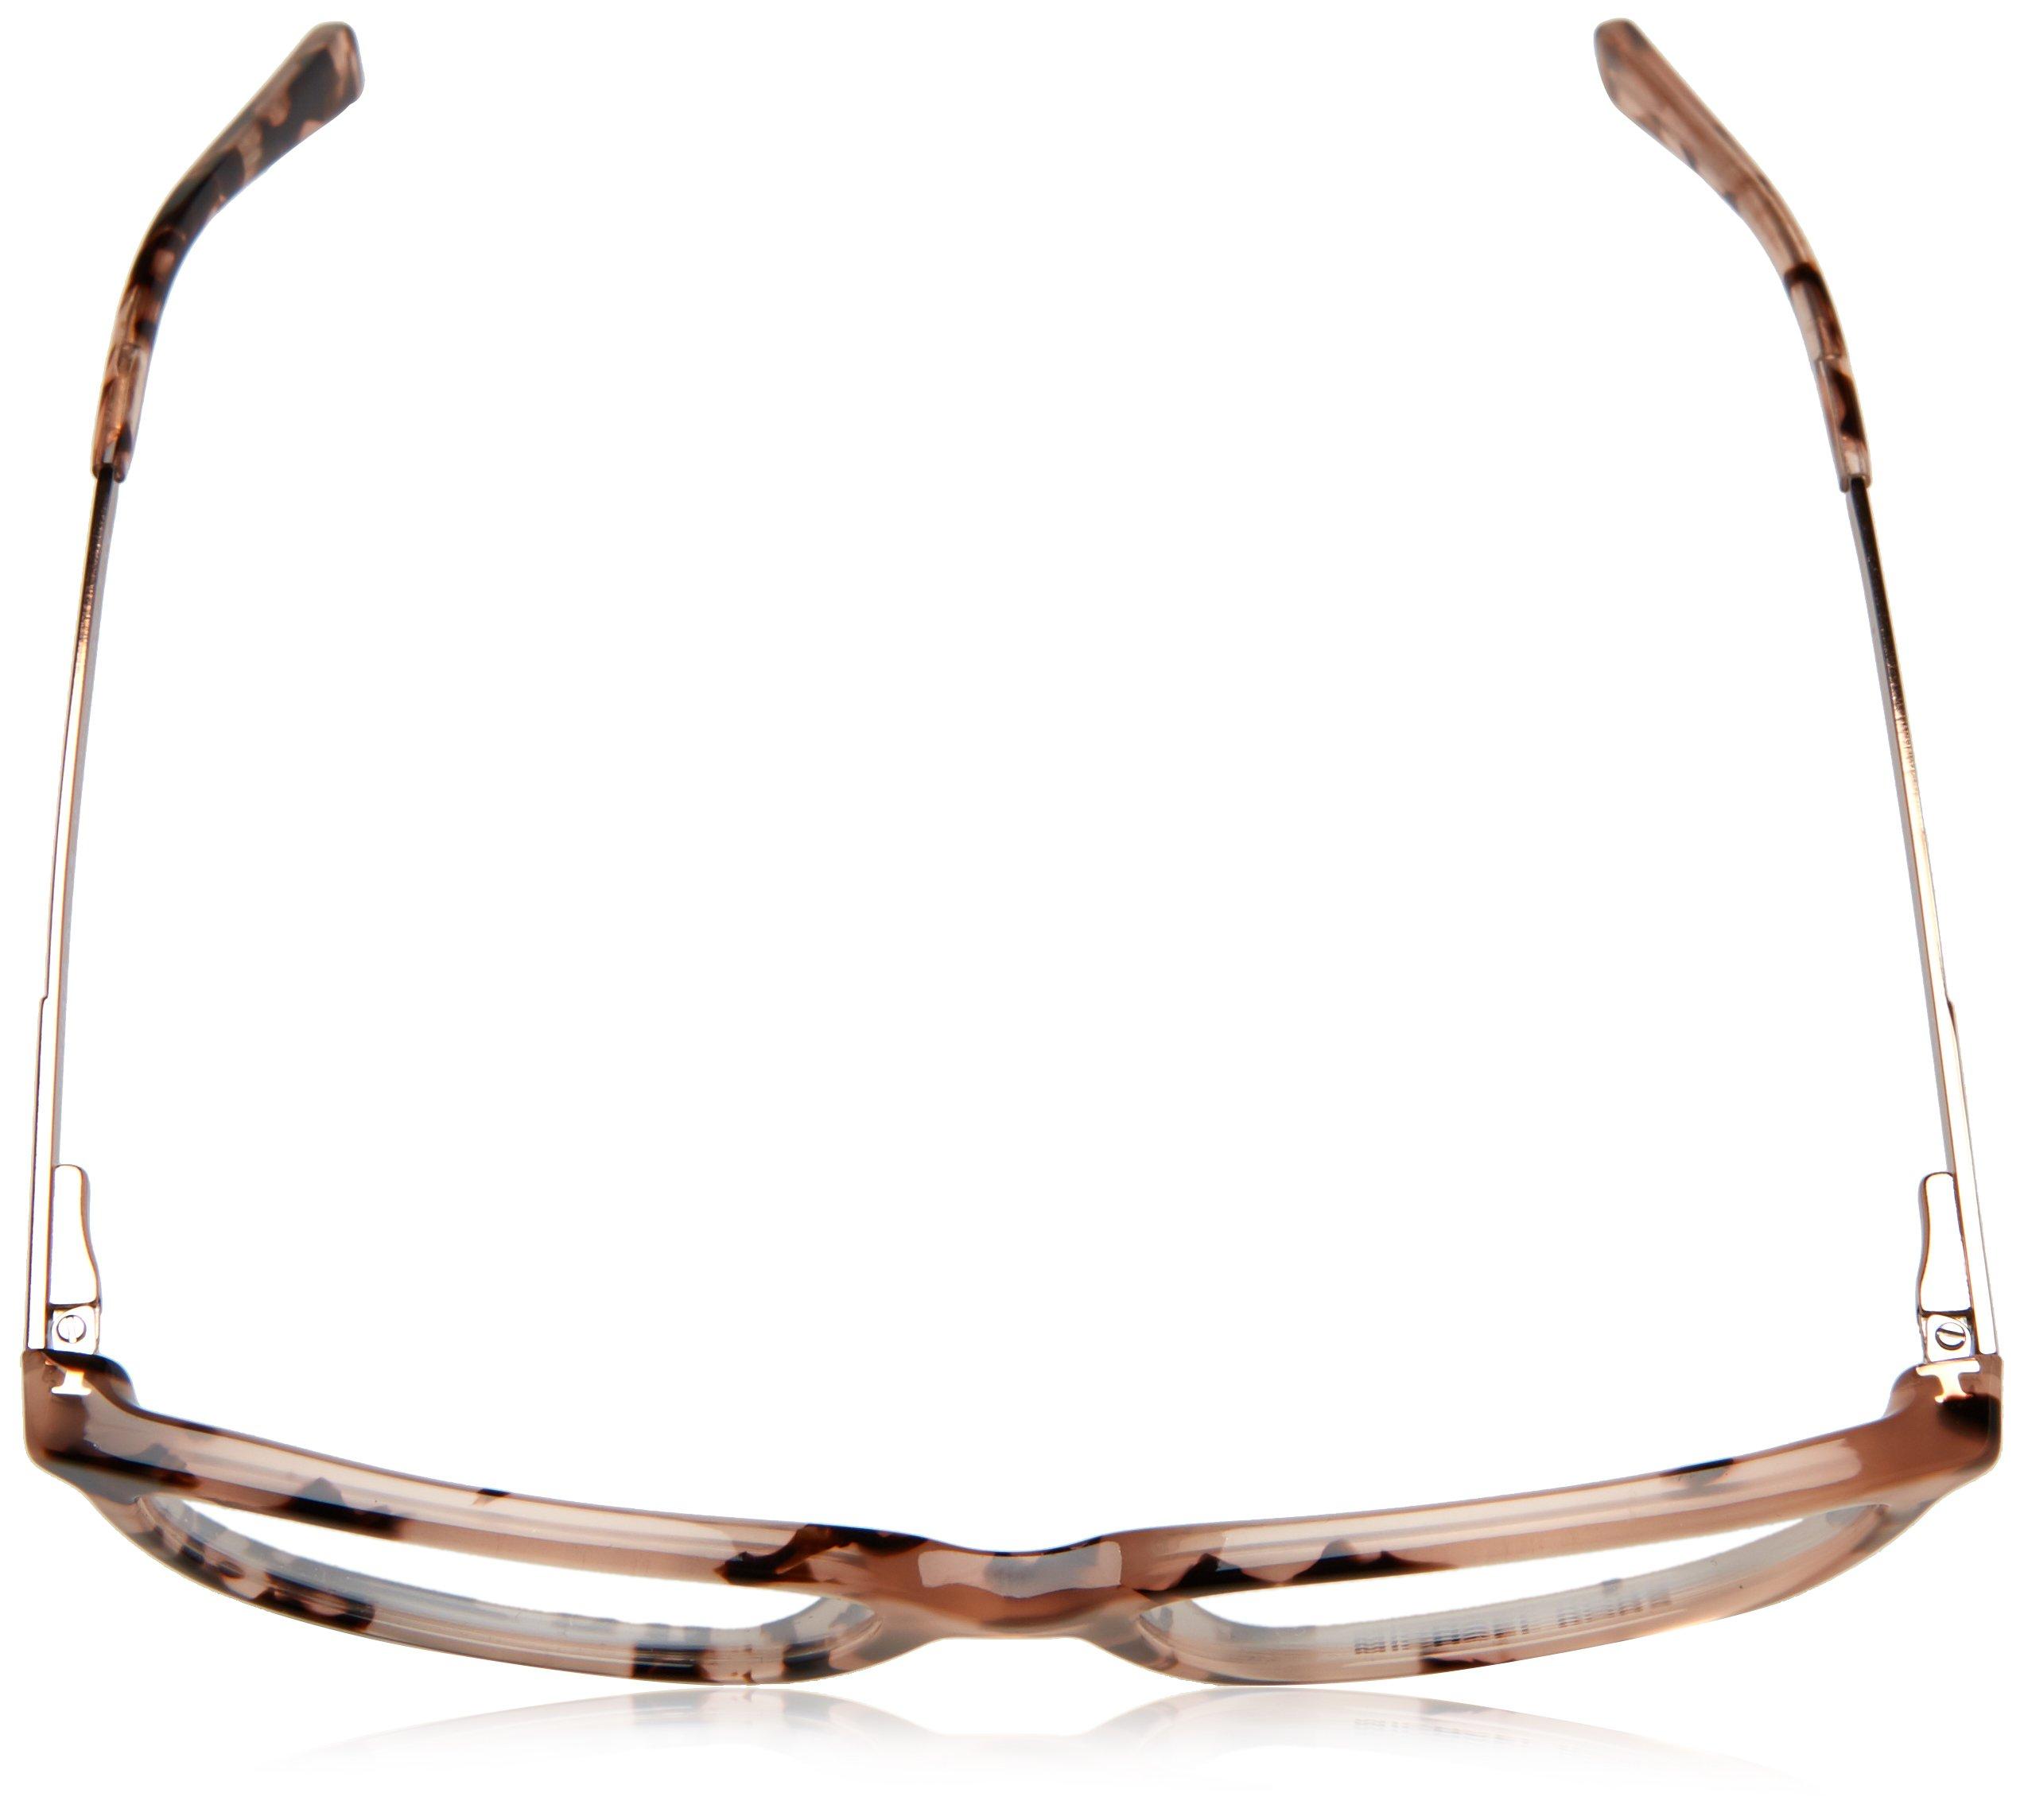 Michael Kors Vivianna II MK4030 Eyeglass Frames 3162-52 – Pink, Clear, Size 16.0